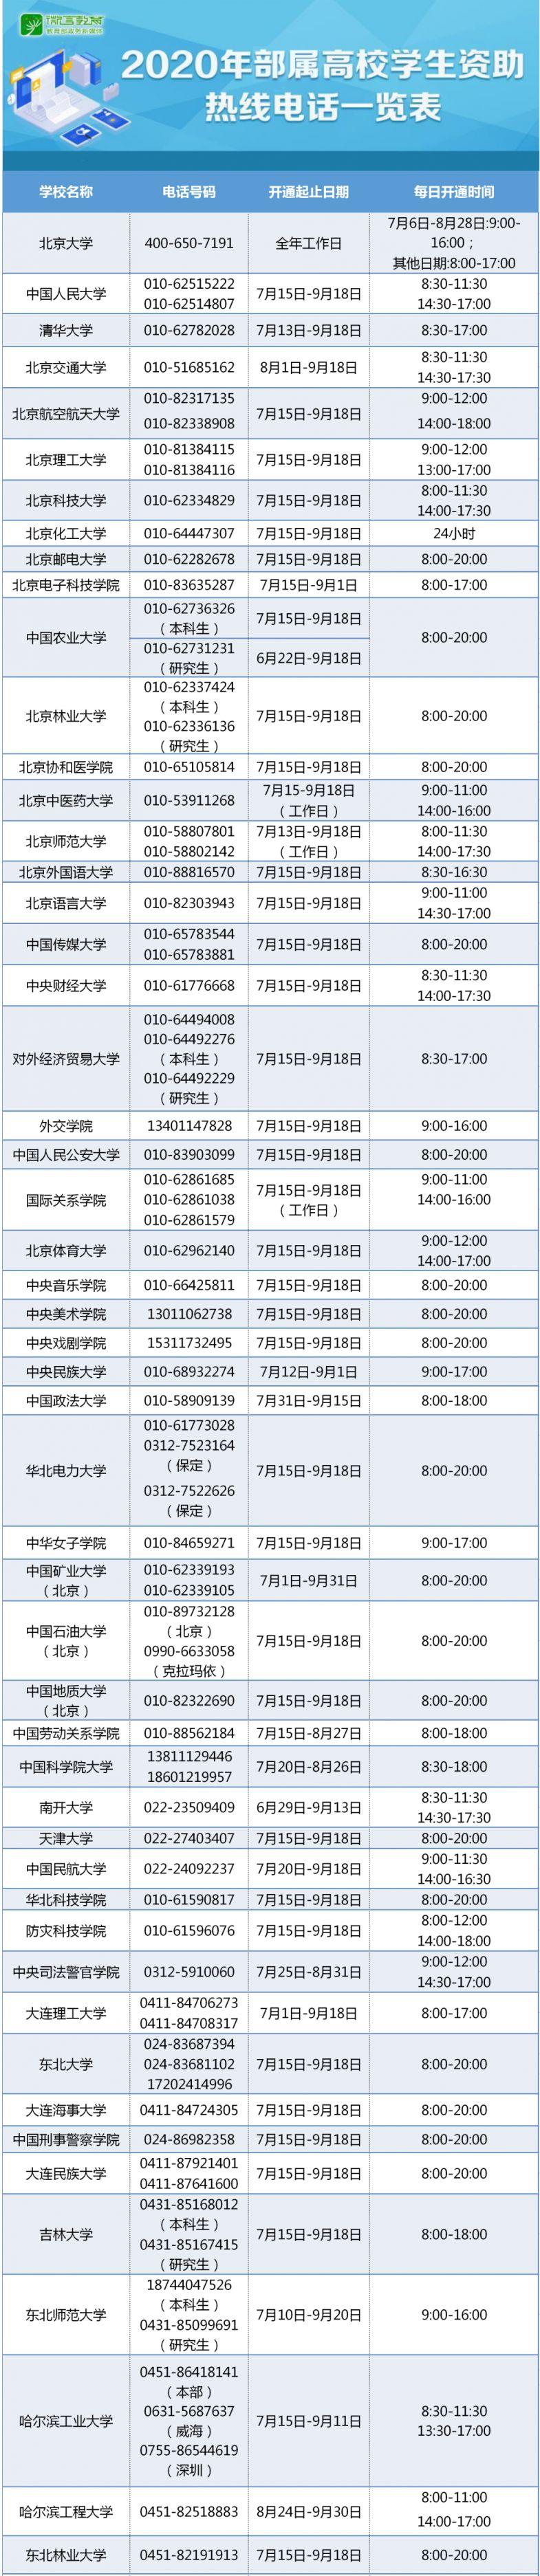 2020年高校学生资助热线电话一览表